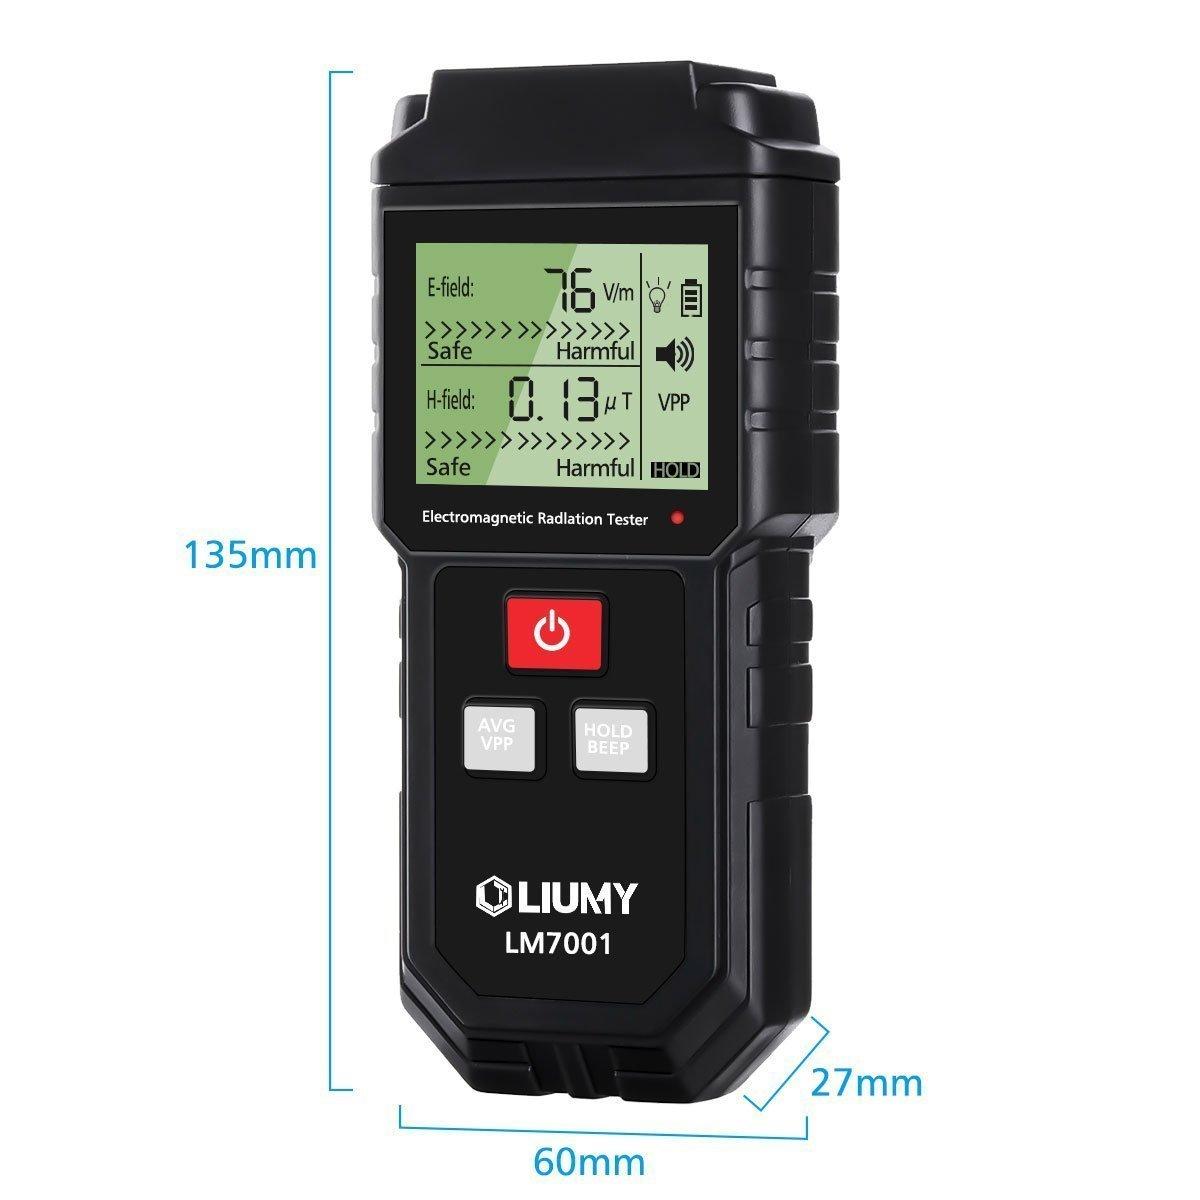 Detector de Radiación de Campo Electromagnético/Medidor EMF,LIUMY Mini LCD Digital Dosímetro de Detector EMF Contador Tester,Detección de Radiación de Campo ...